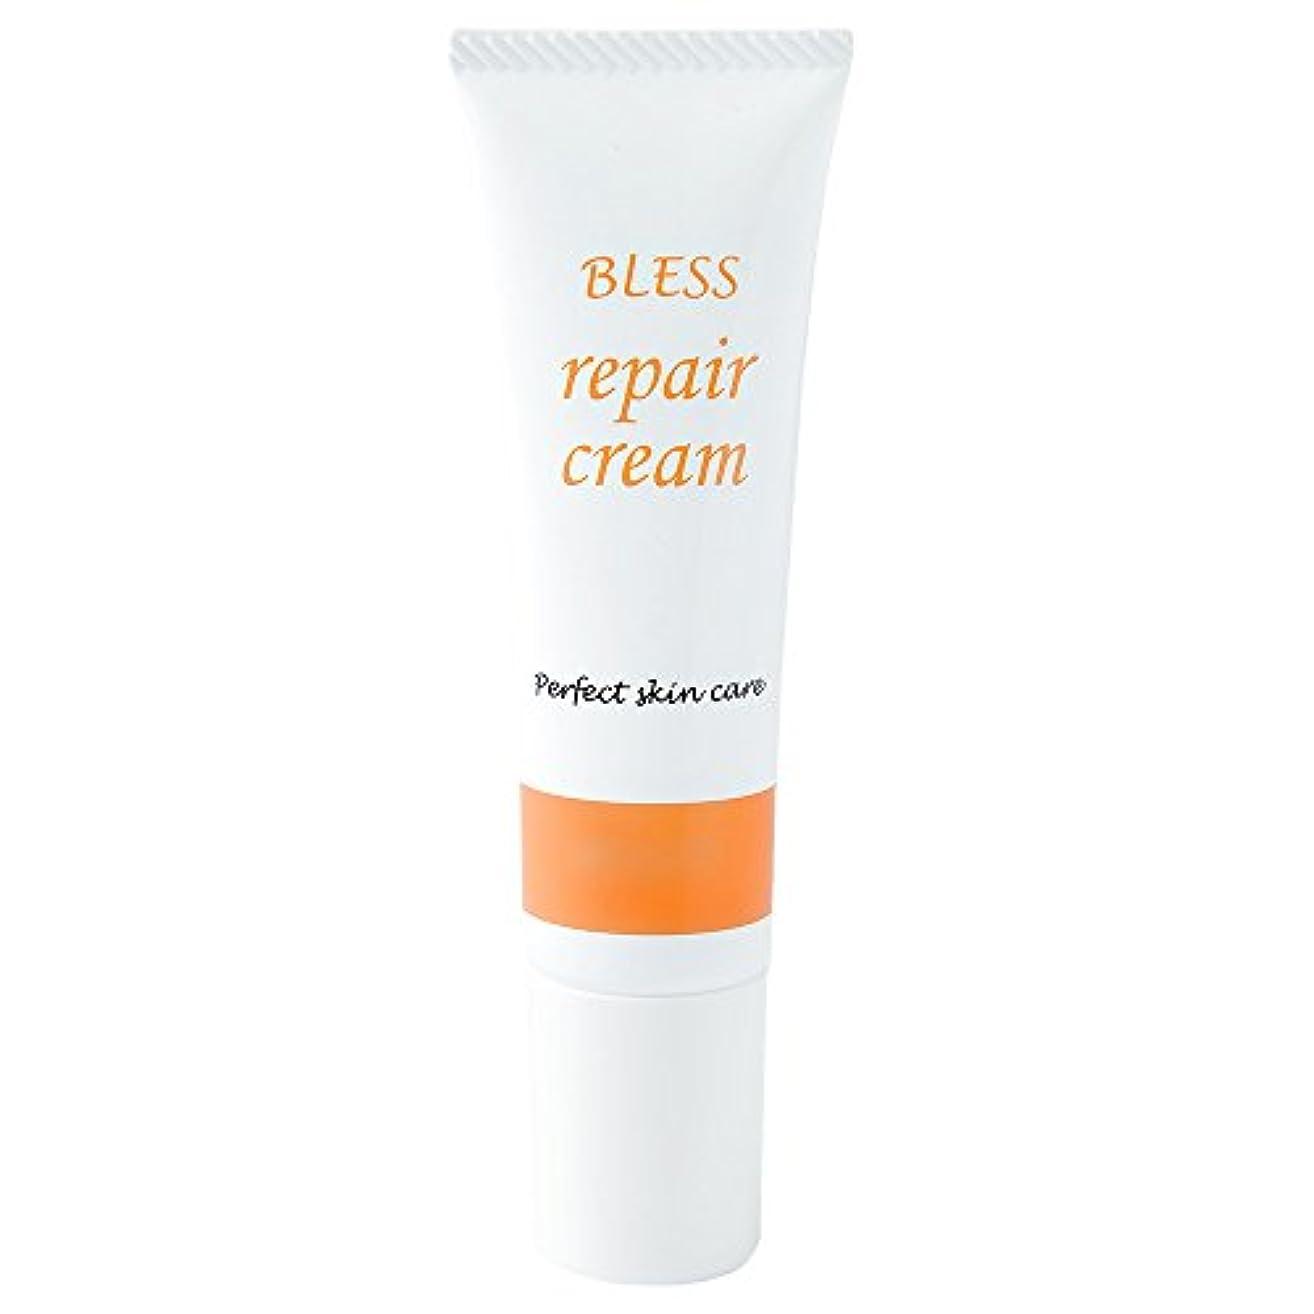 めんどりショット政策【BLESS】 しわ 対策用 エイジング リペアクリーム 30g 無添加 抗シワ評価試験済み製品 日本製 美容液